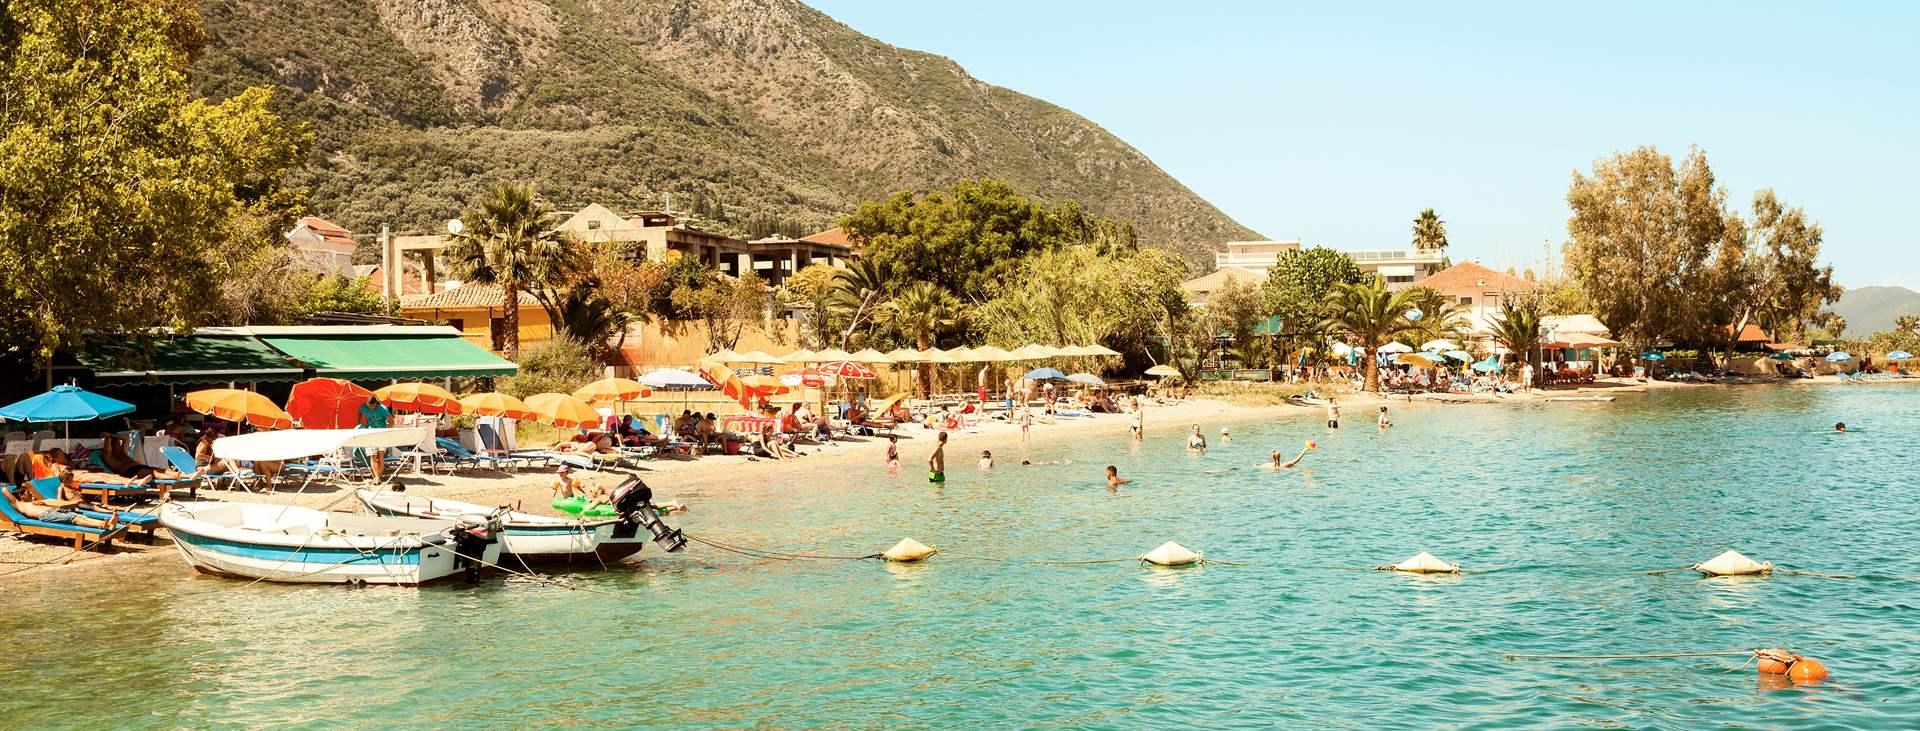 Bestill en reise med Ving til Nidri på den greske øya Lefkas